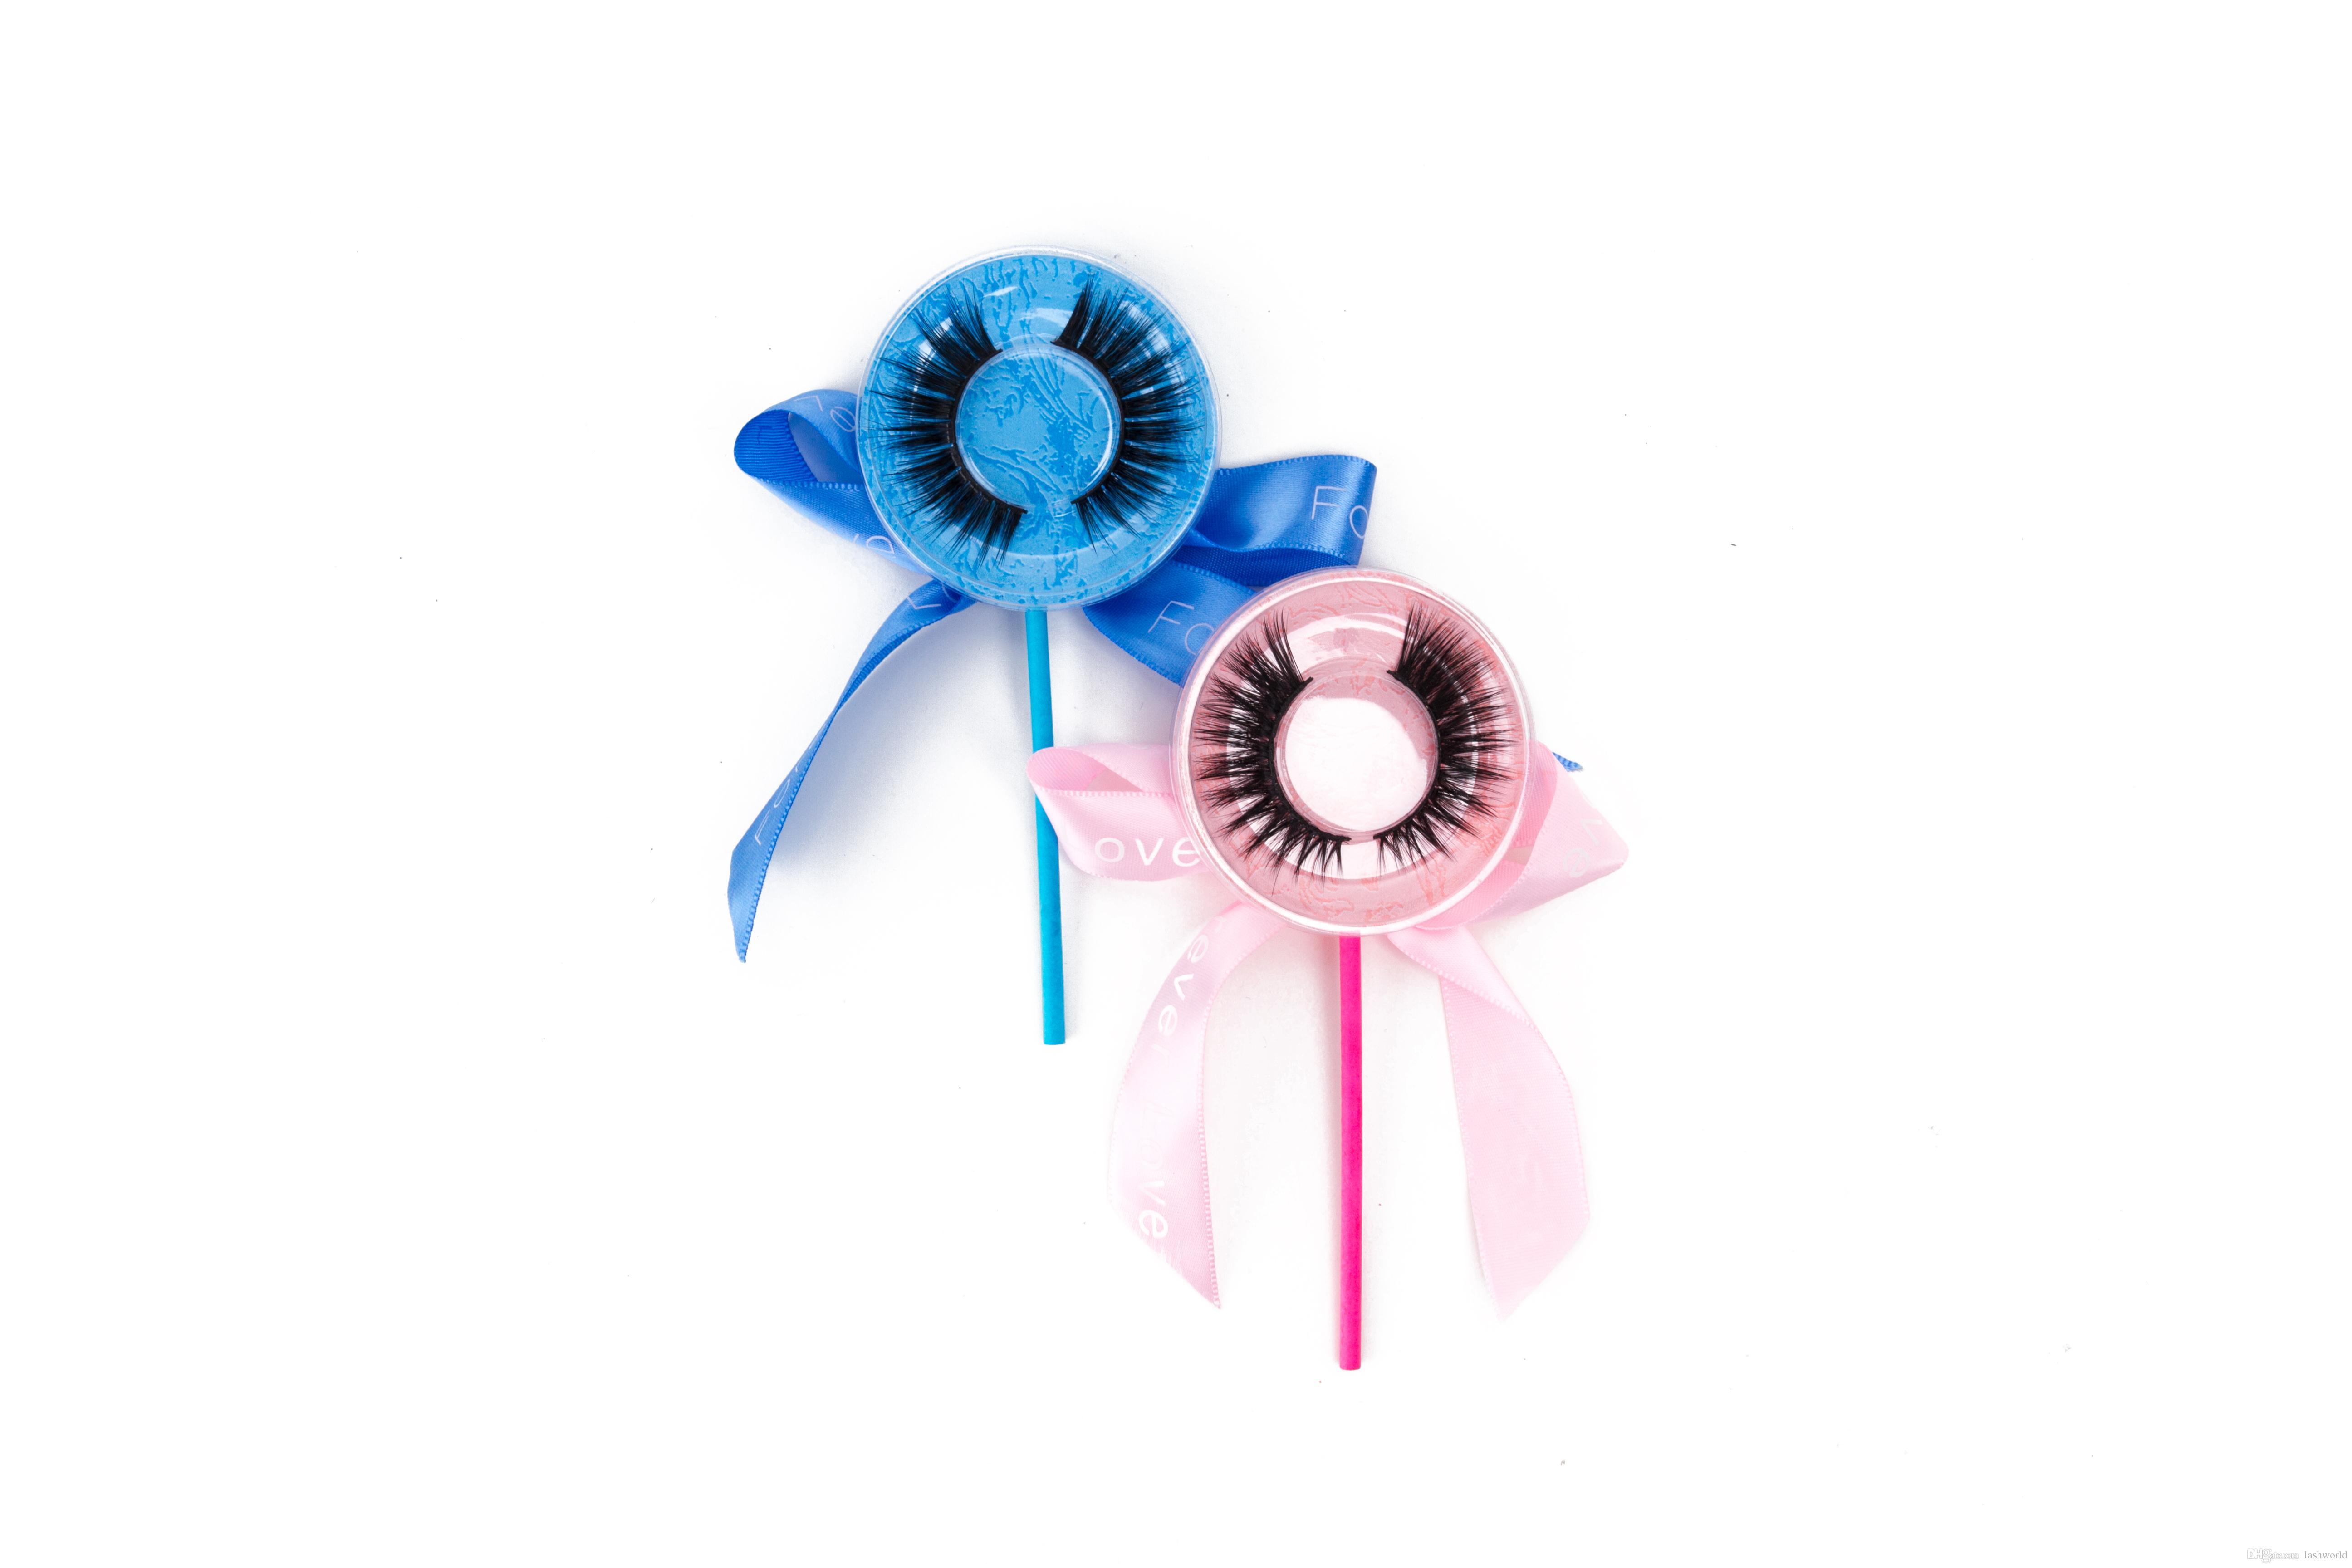 Lollipop Box Hochwertige falsche Wimpern 3D Nerzstreifen Seidenwimpern dicke gefälschte künstliche Wimpern akzeptieren private Etiketten auf Aufklebern